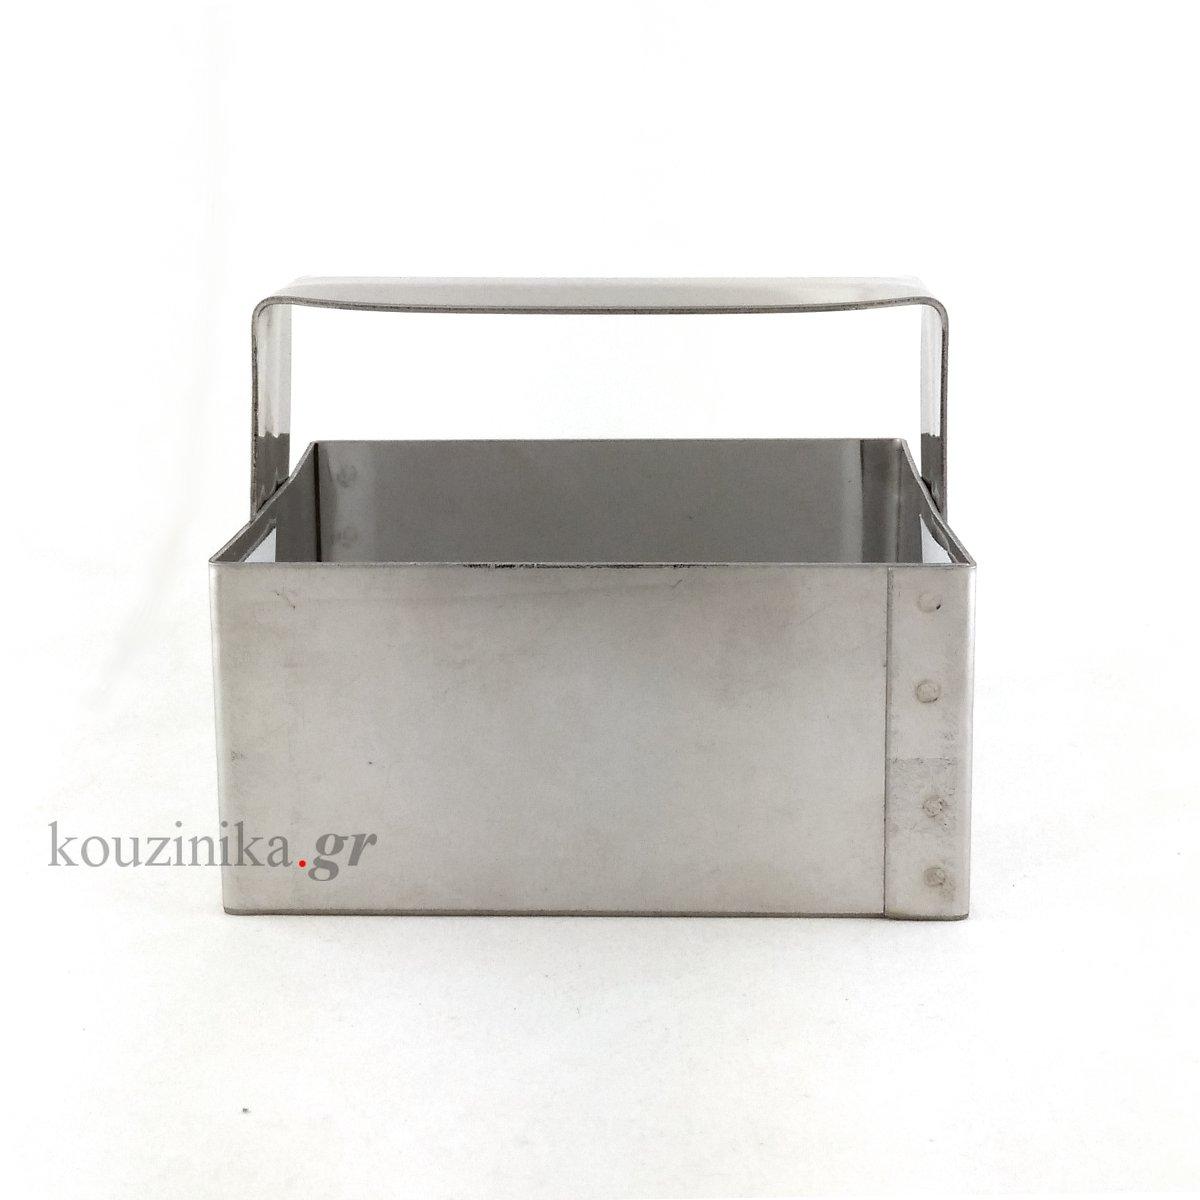 Στεφάνι ανοξείδωτο τετράγωνο με λαβή 10x10 cm